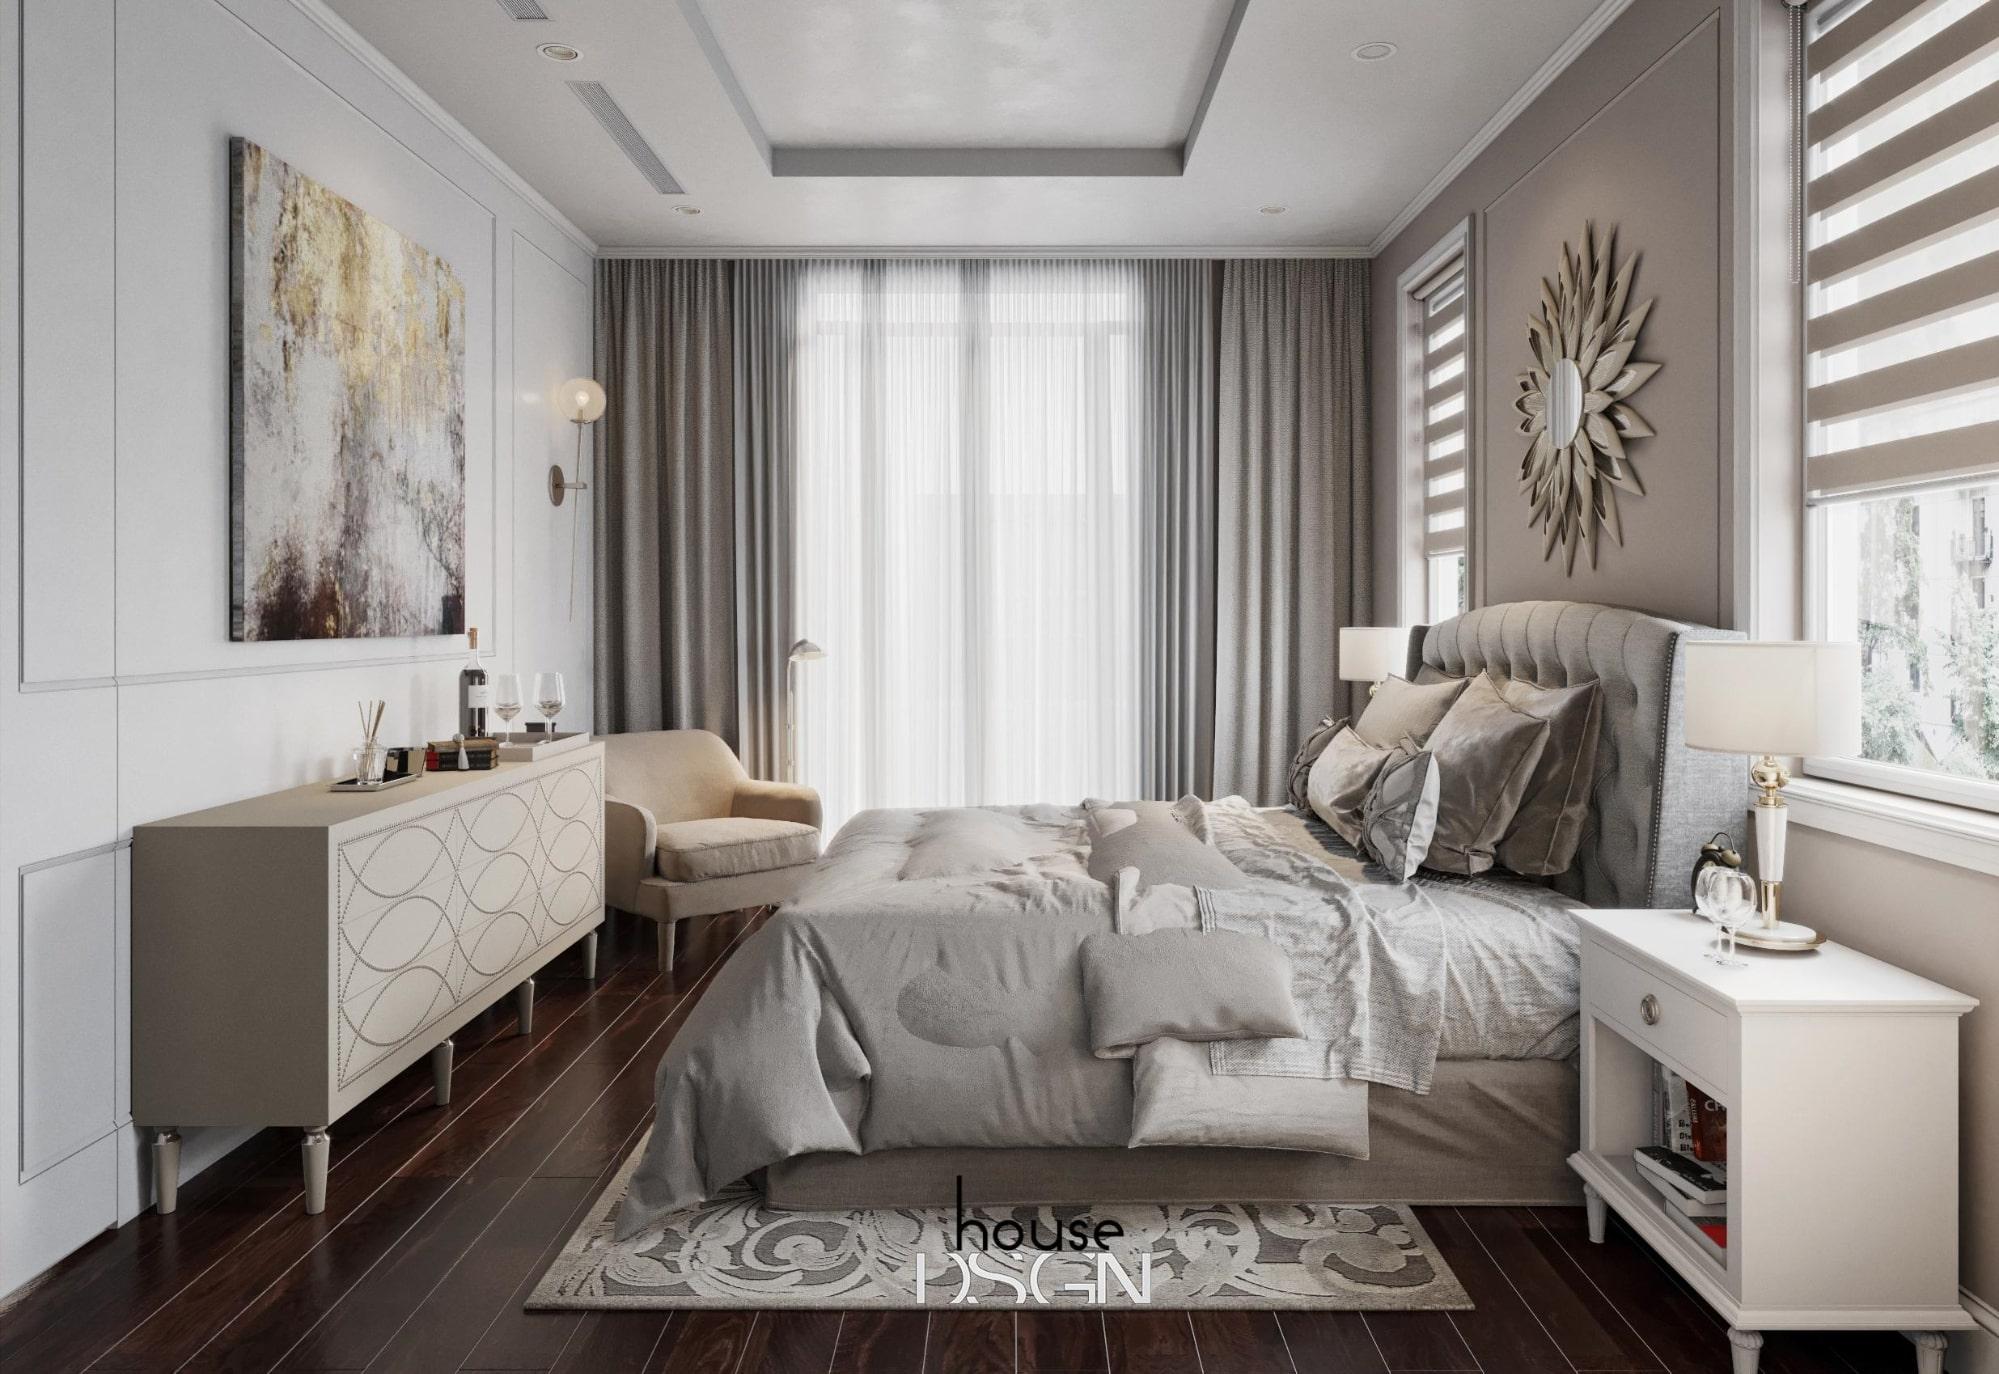 các mẫu thiết kế nội thất biệt thự chuyên nghiệp